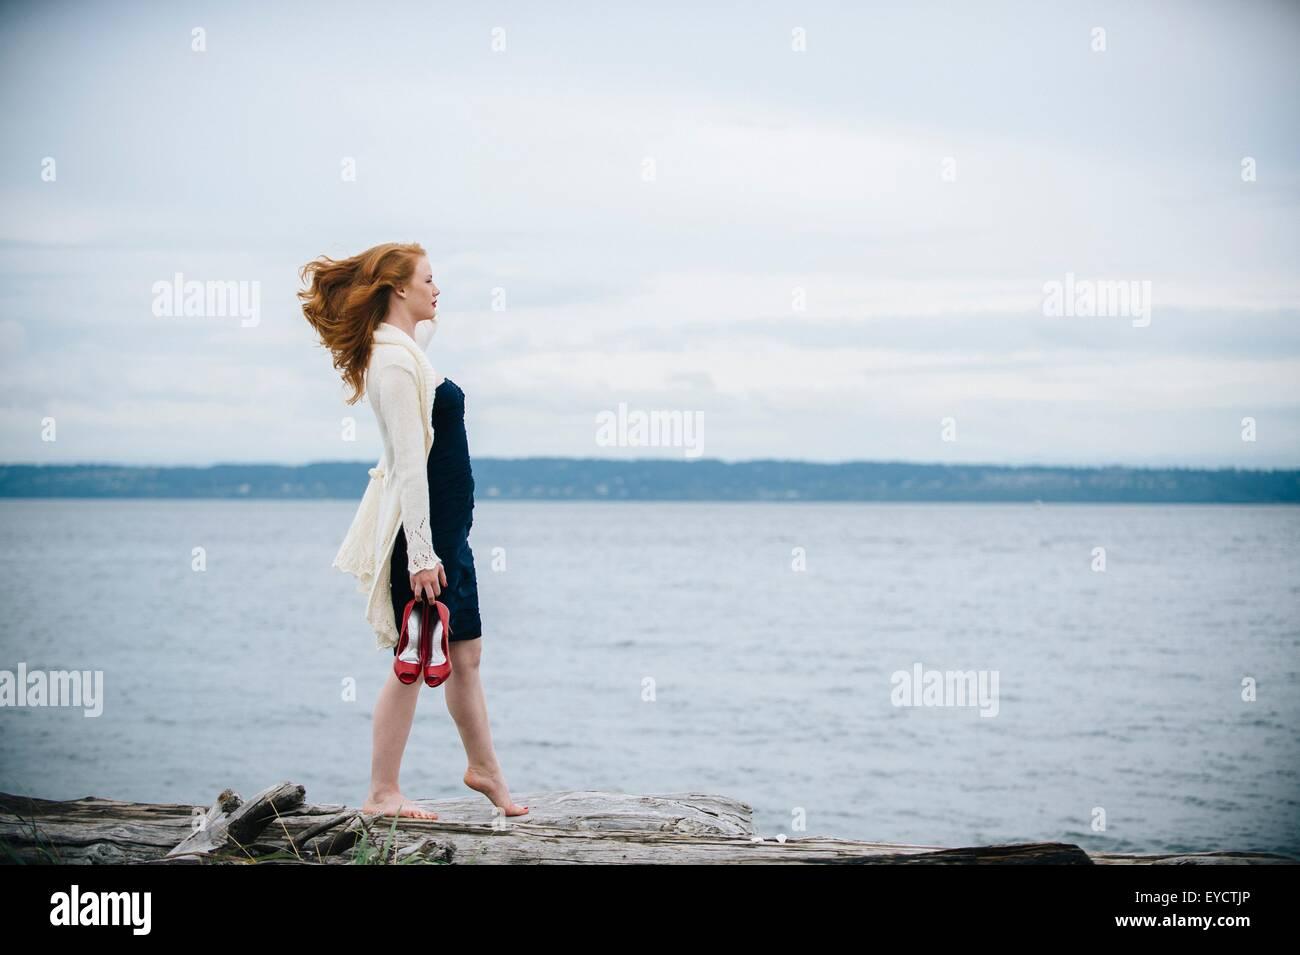 Giovane donna sulla spiaggia che guarda al mare, Bainbridge Island, nello Stato di Washington, USA Immagini Stock